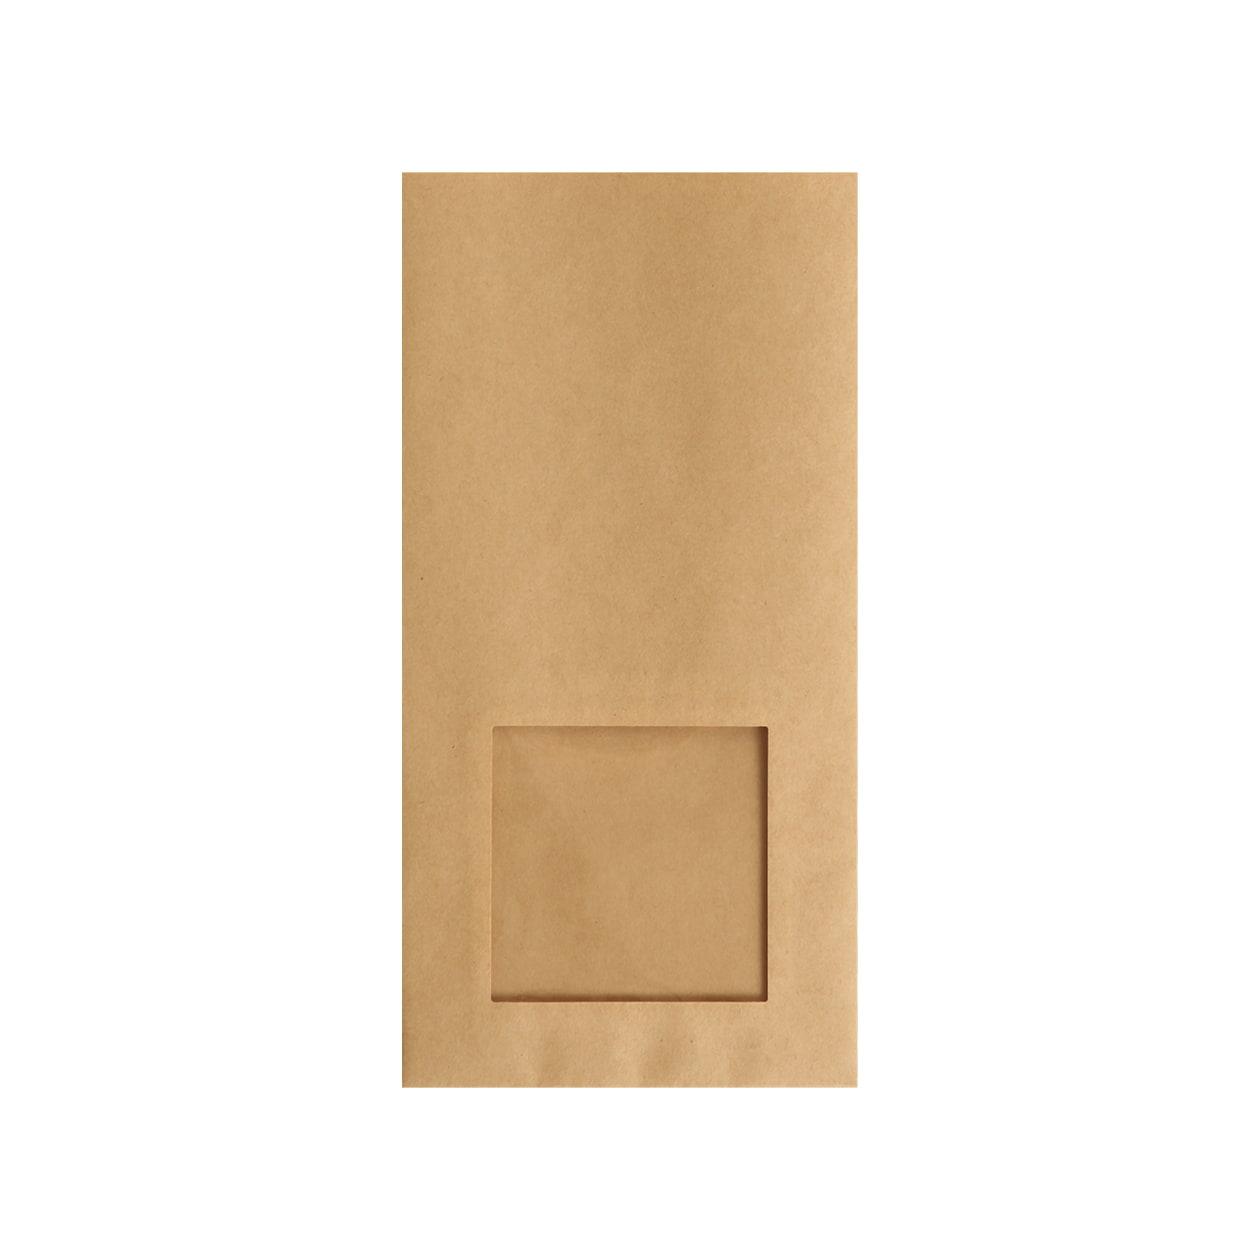 平袋125×250窓付 未晒クラフト 70g